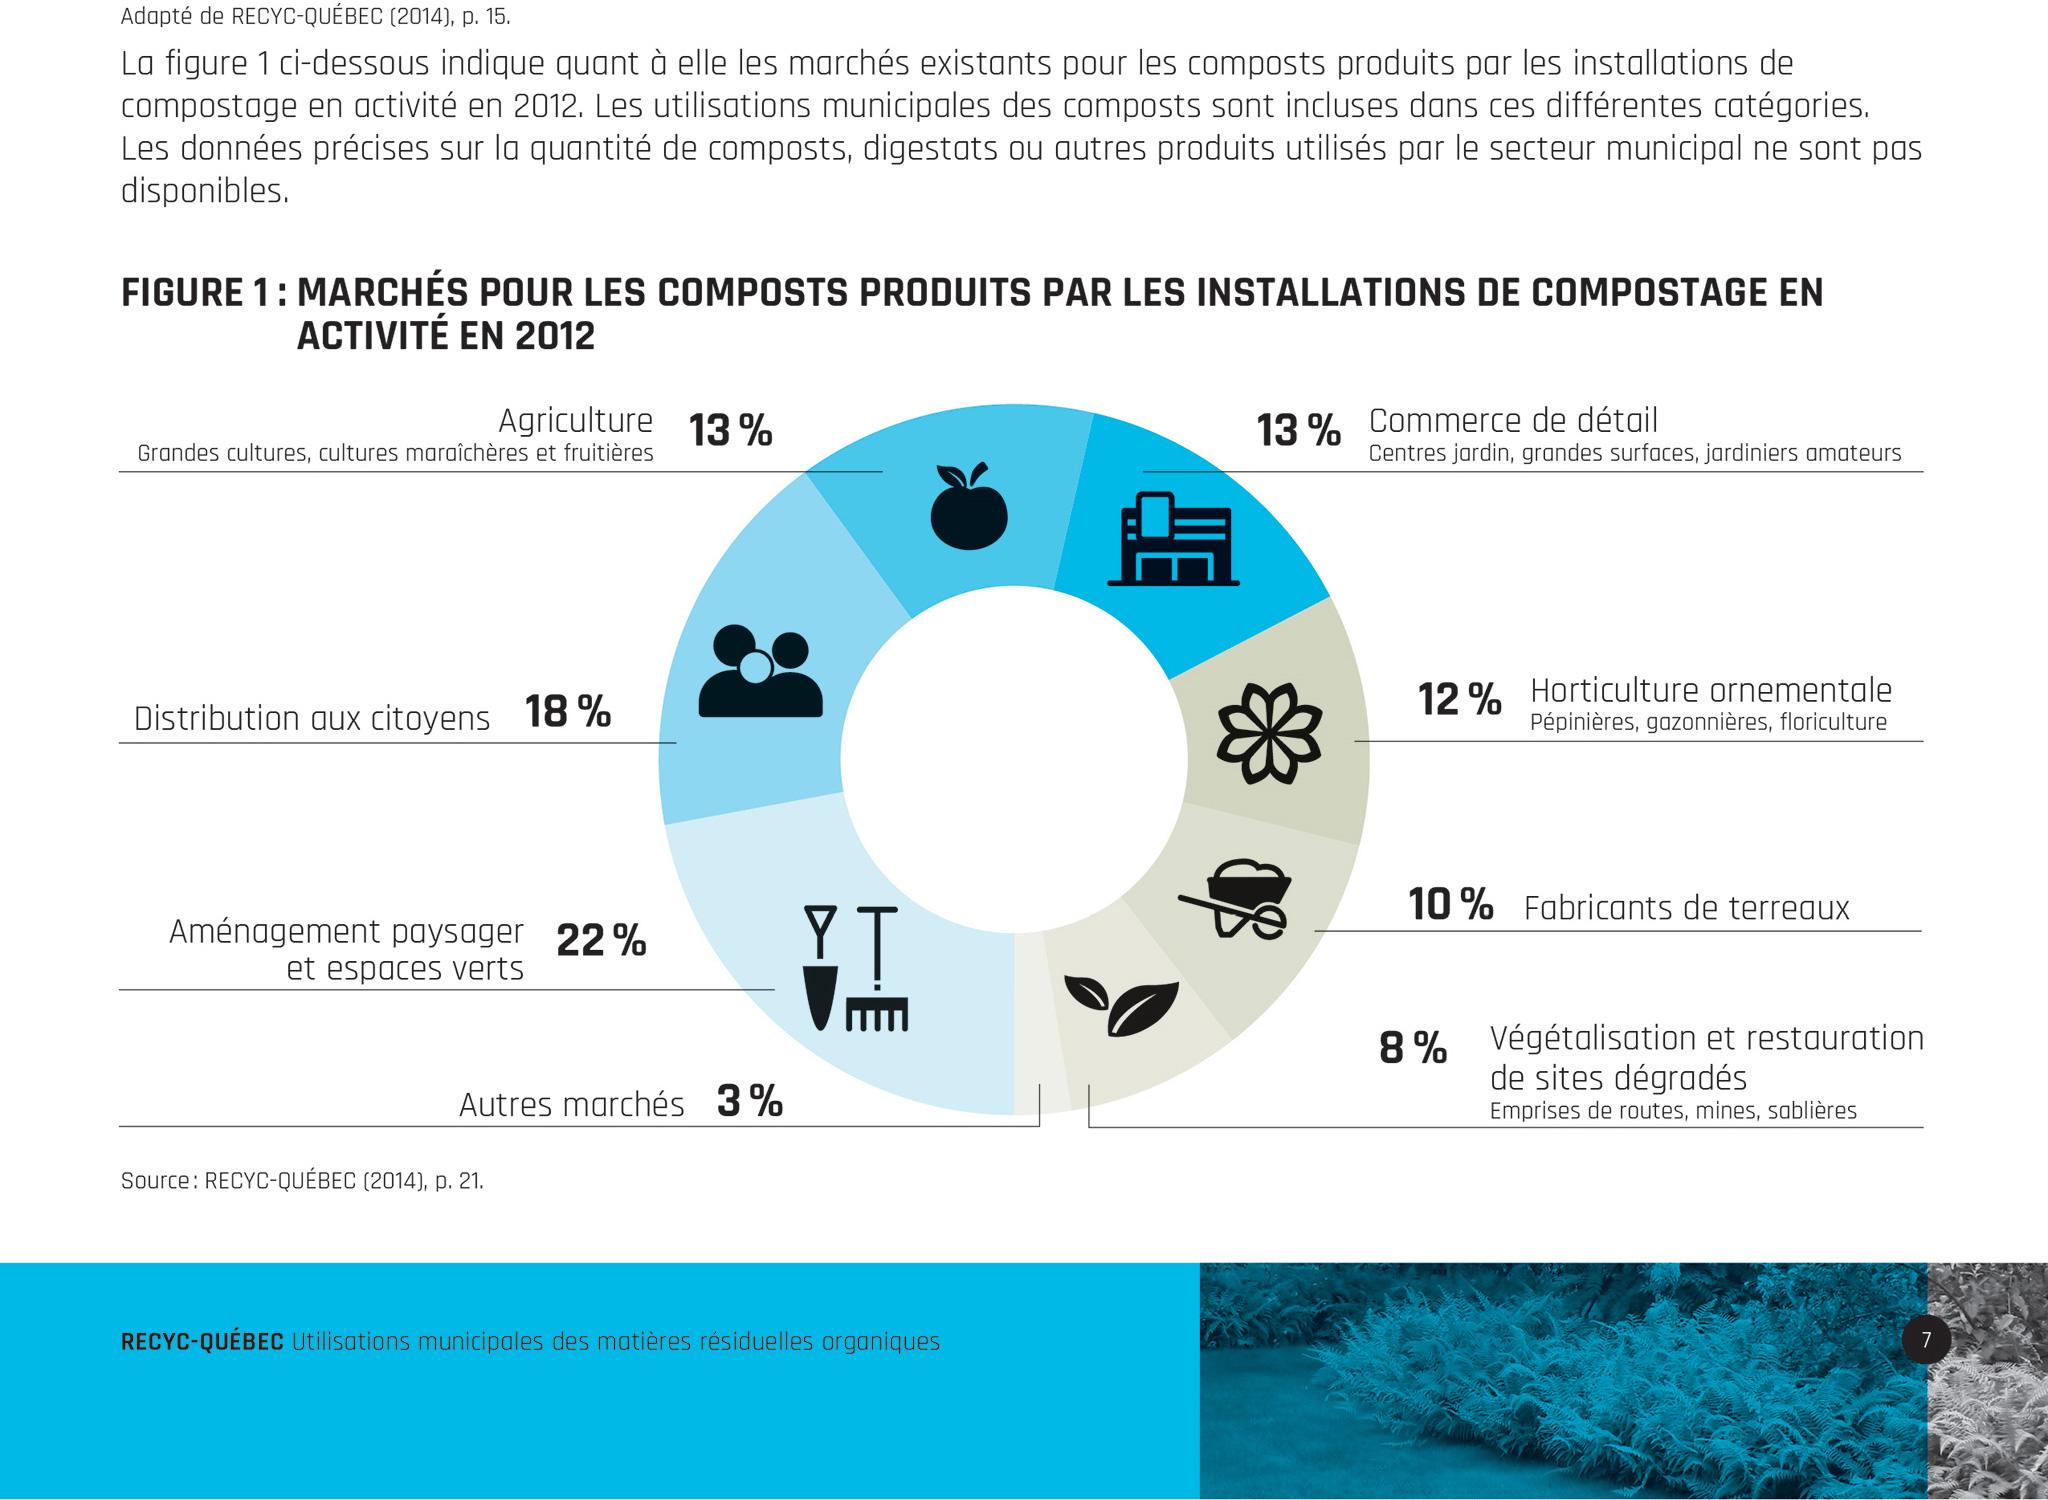 Rapport interactif accessible de Recyc Québec.